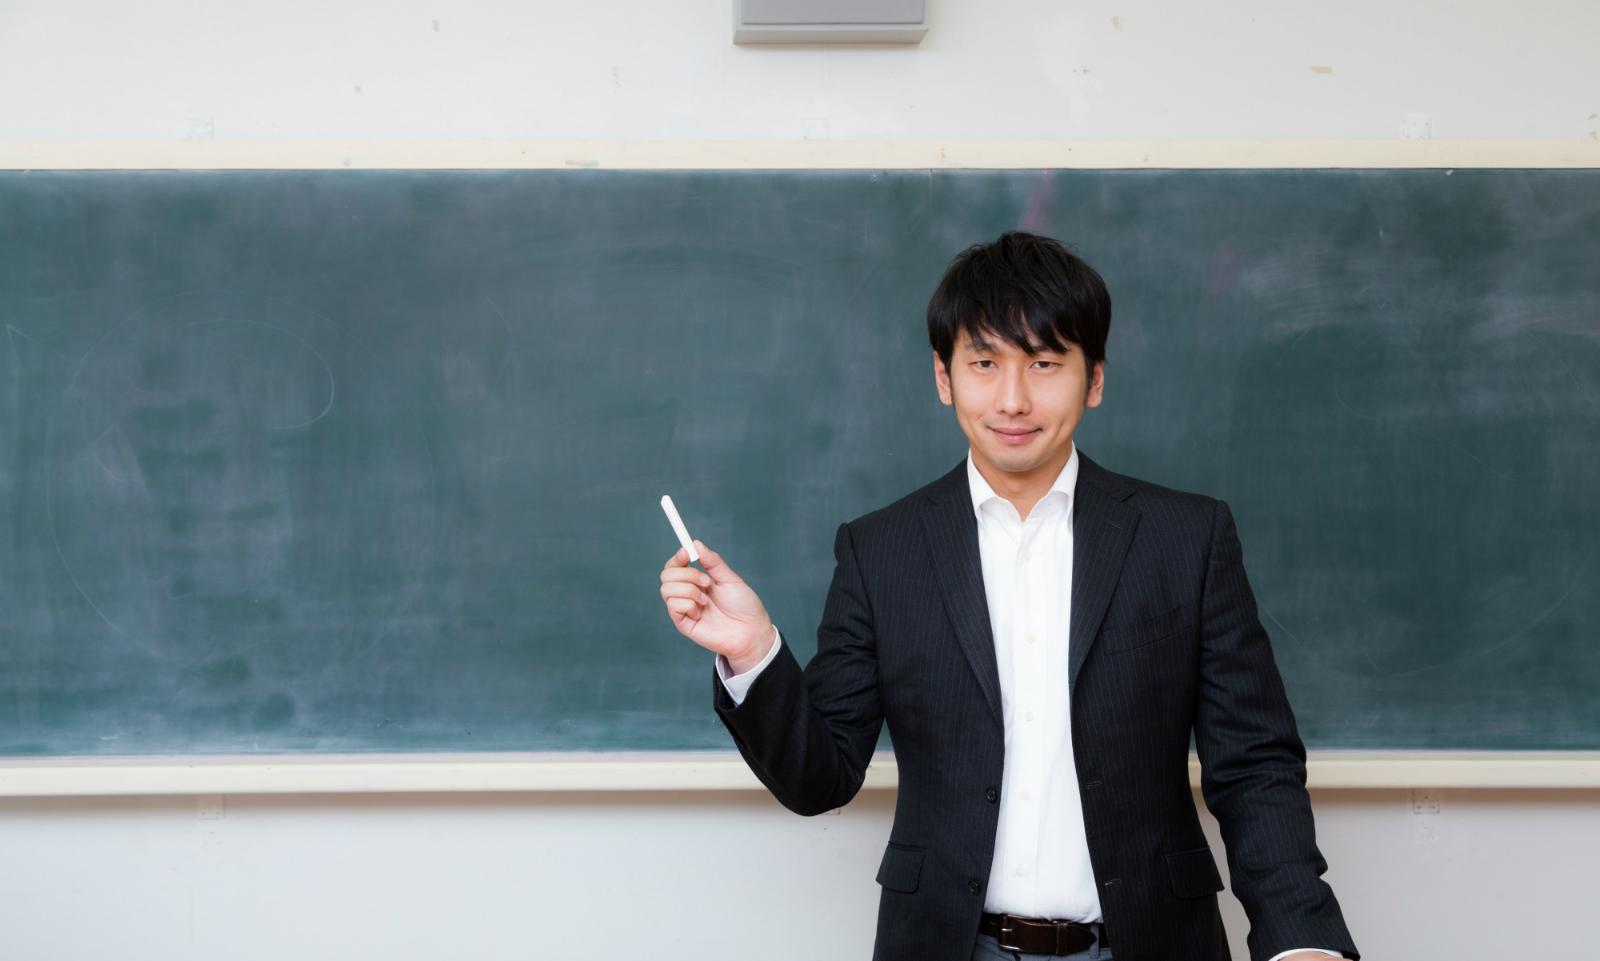 世界一多忙な日本の先生が一番負担に感じていること-本務の子どもの指導に集中できない原因とは?